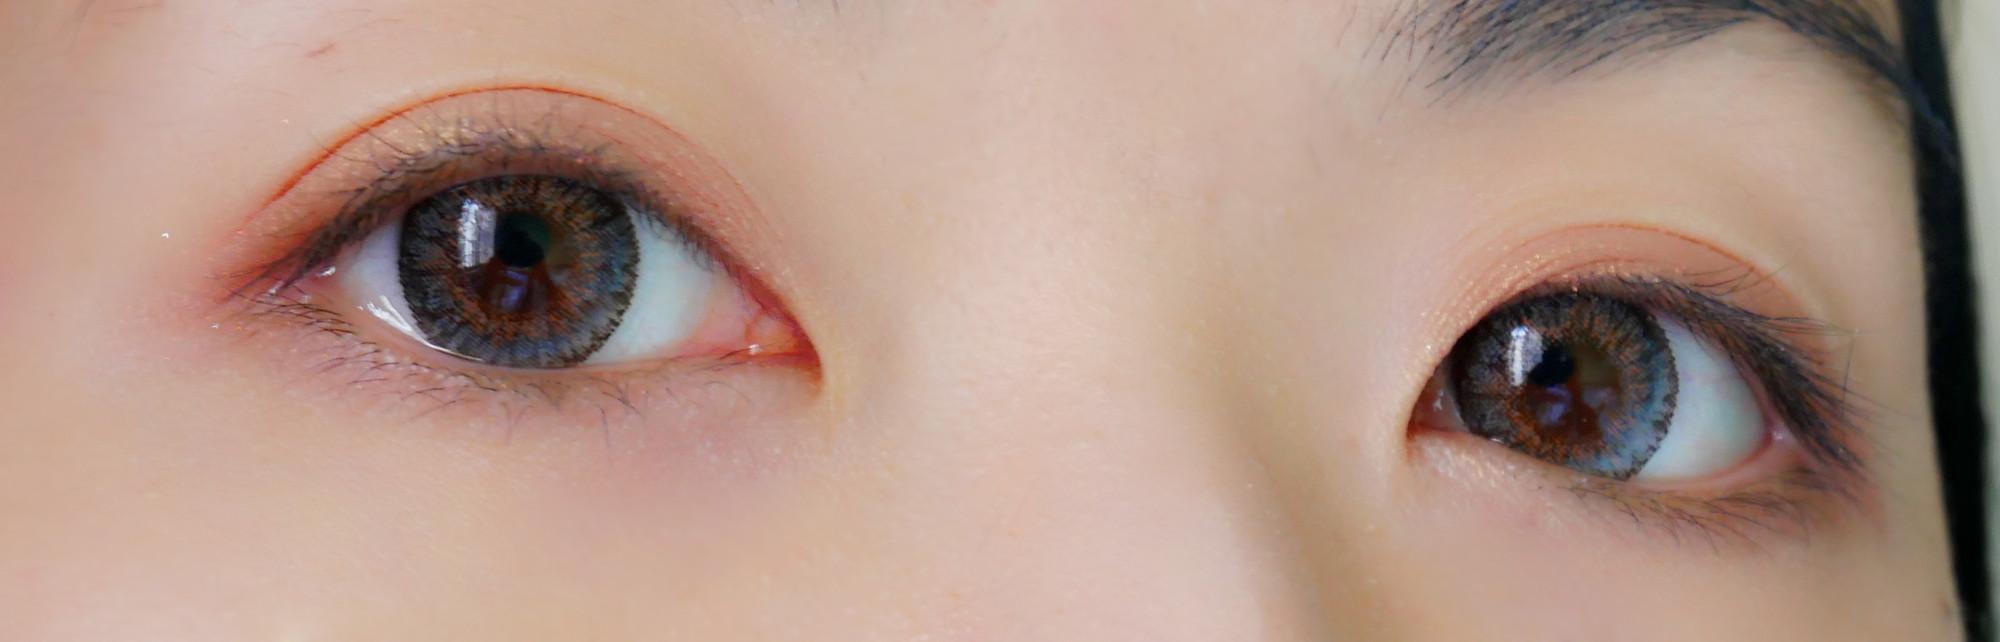 眼影.jpg